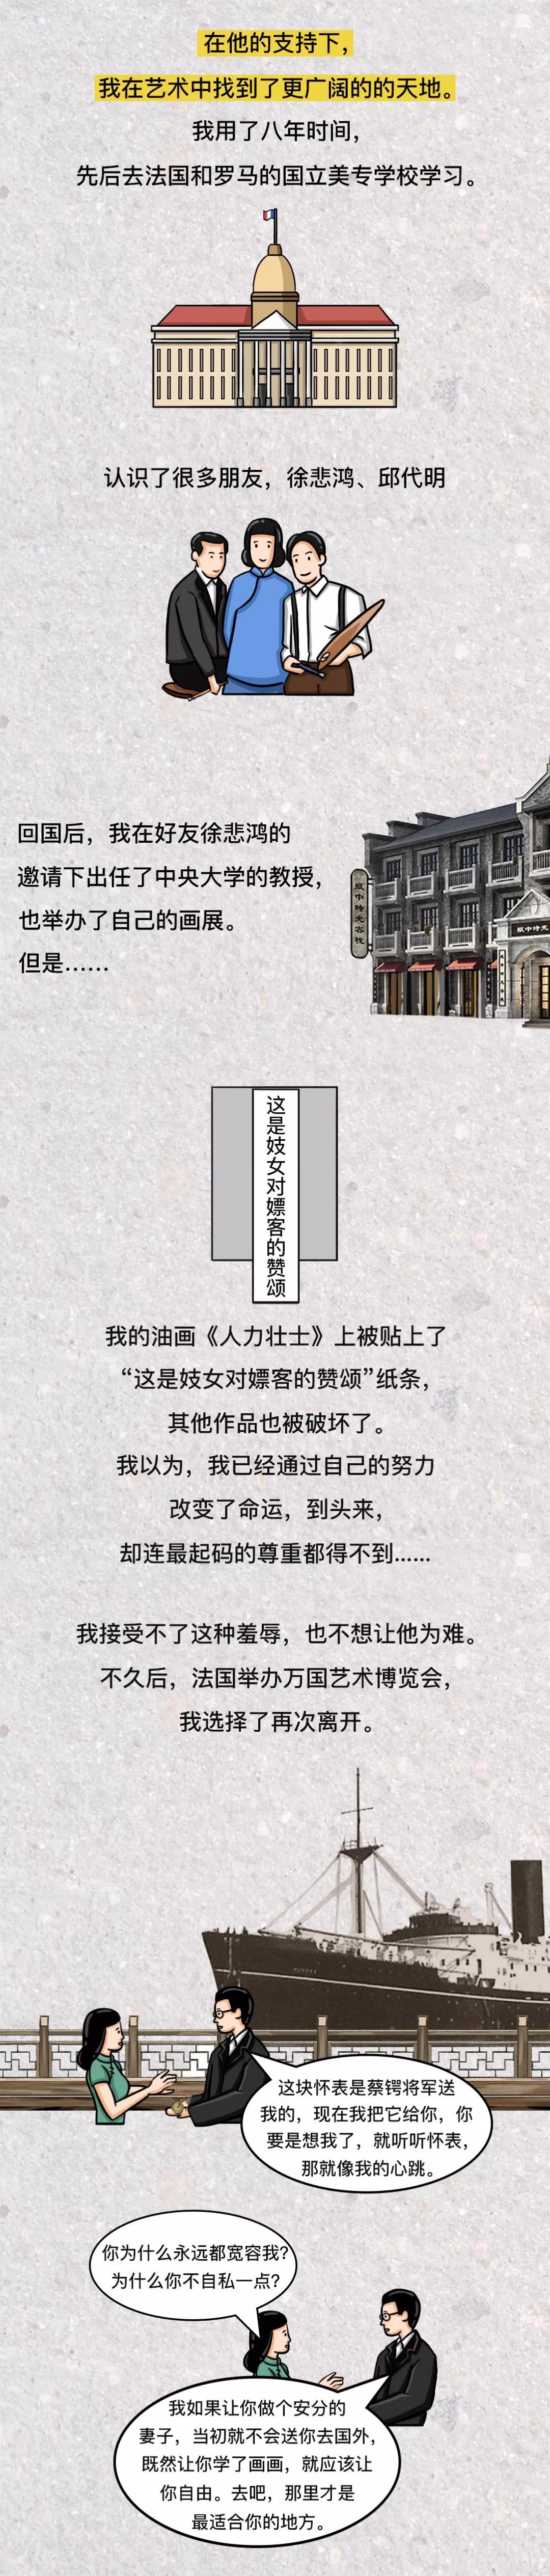 彩天下平台网址 12